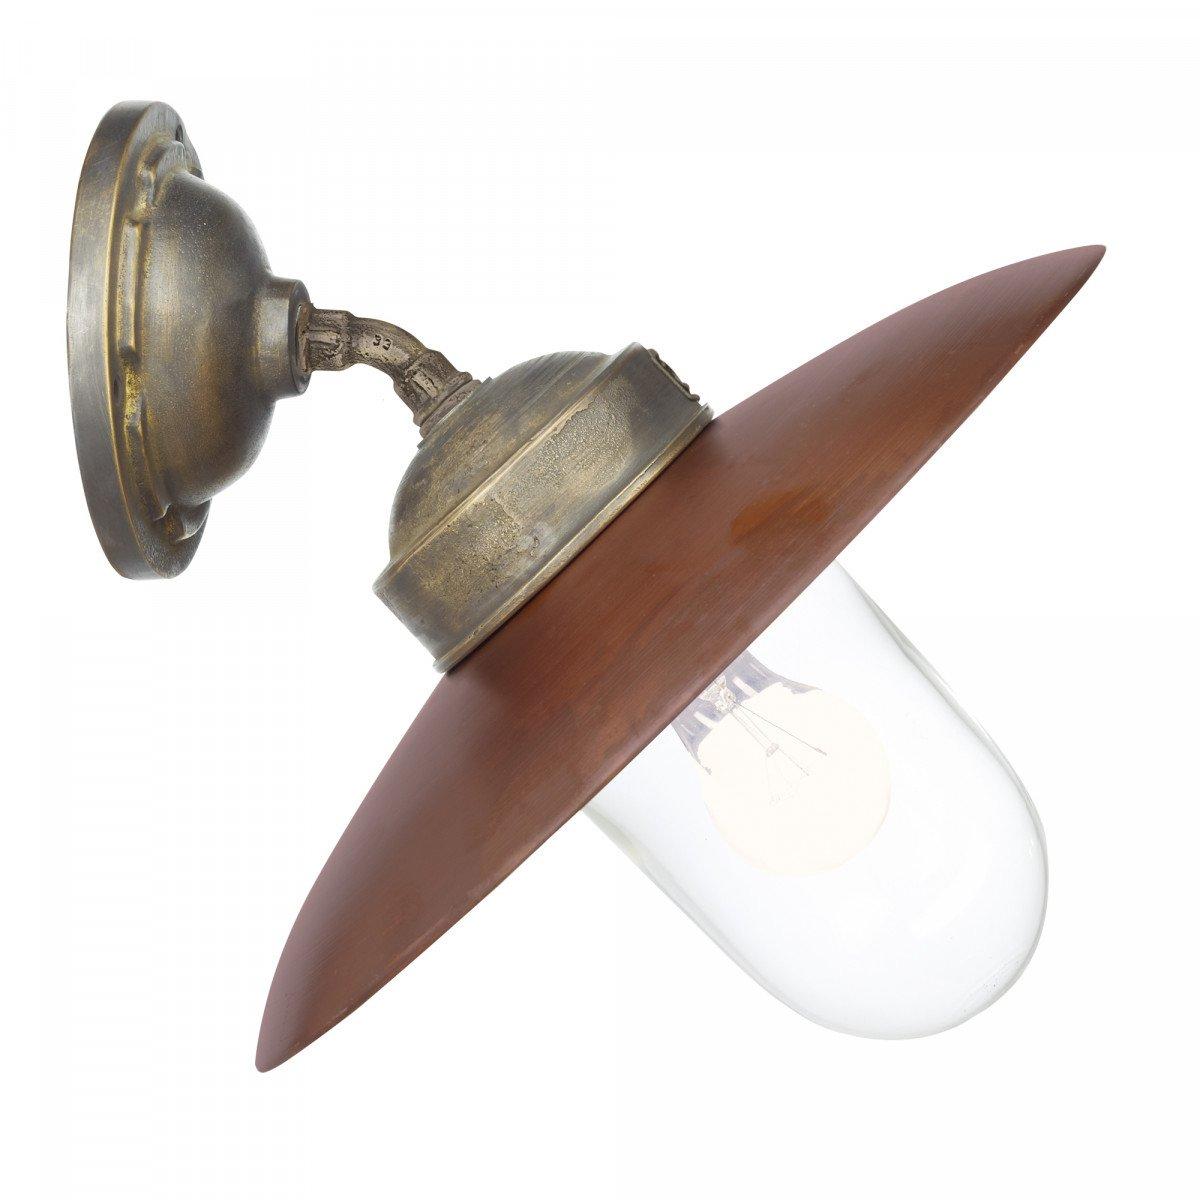 Hoflampe Landes - Wandleuchte aus Bronze und Kupfer